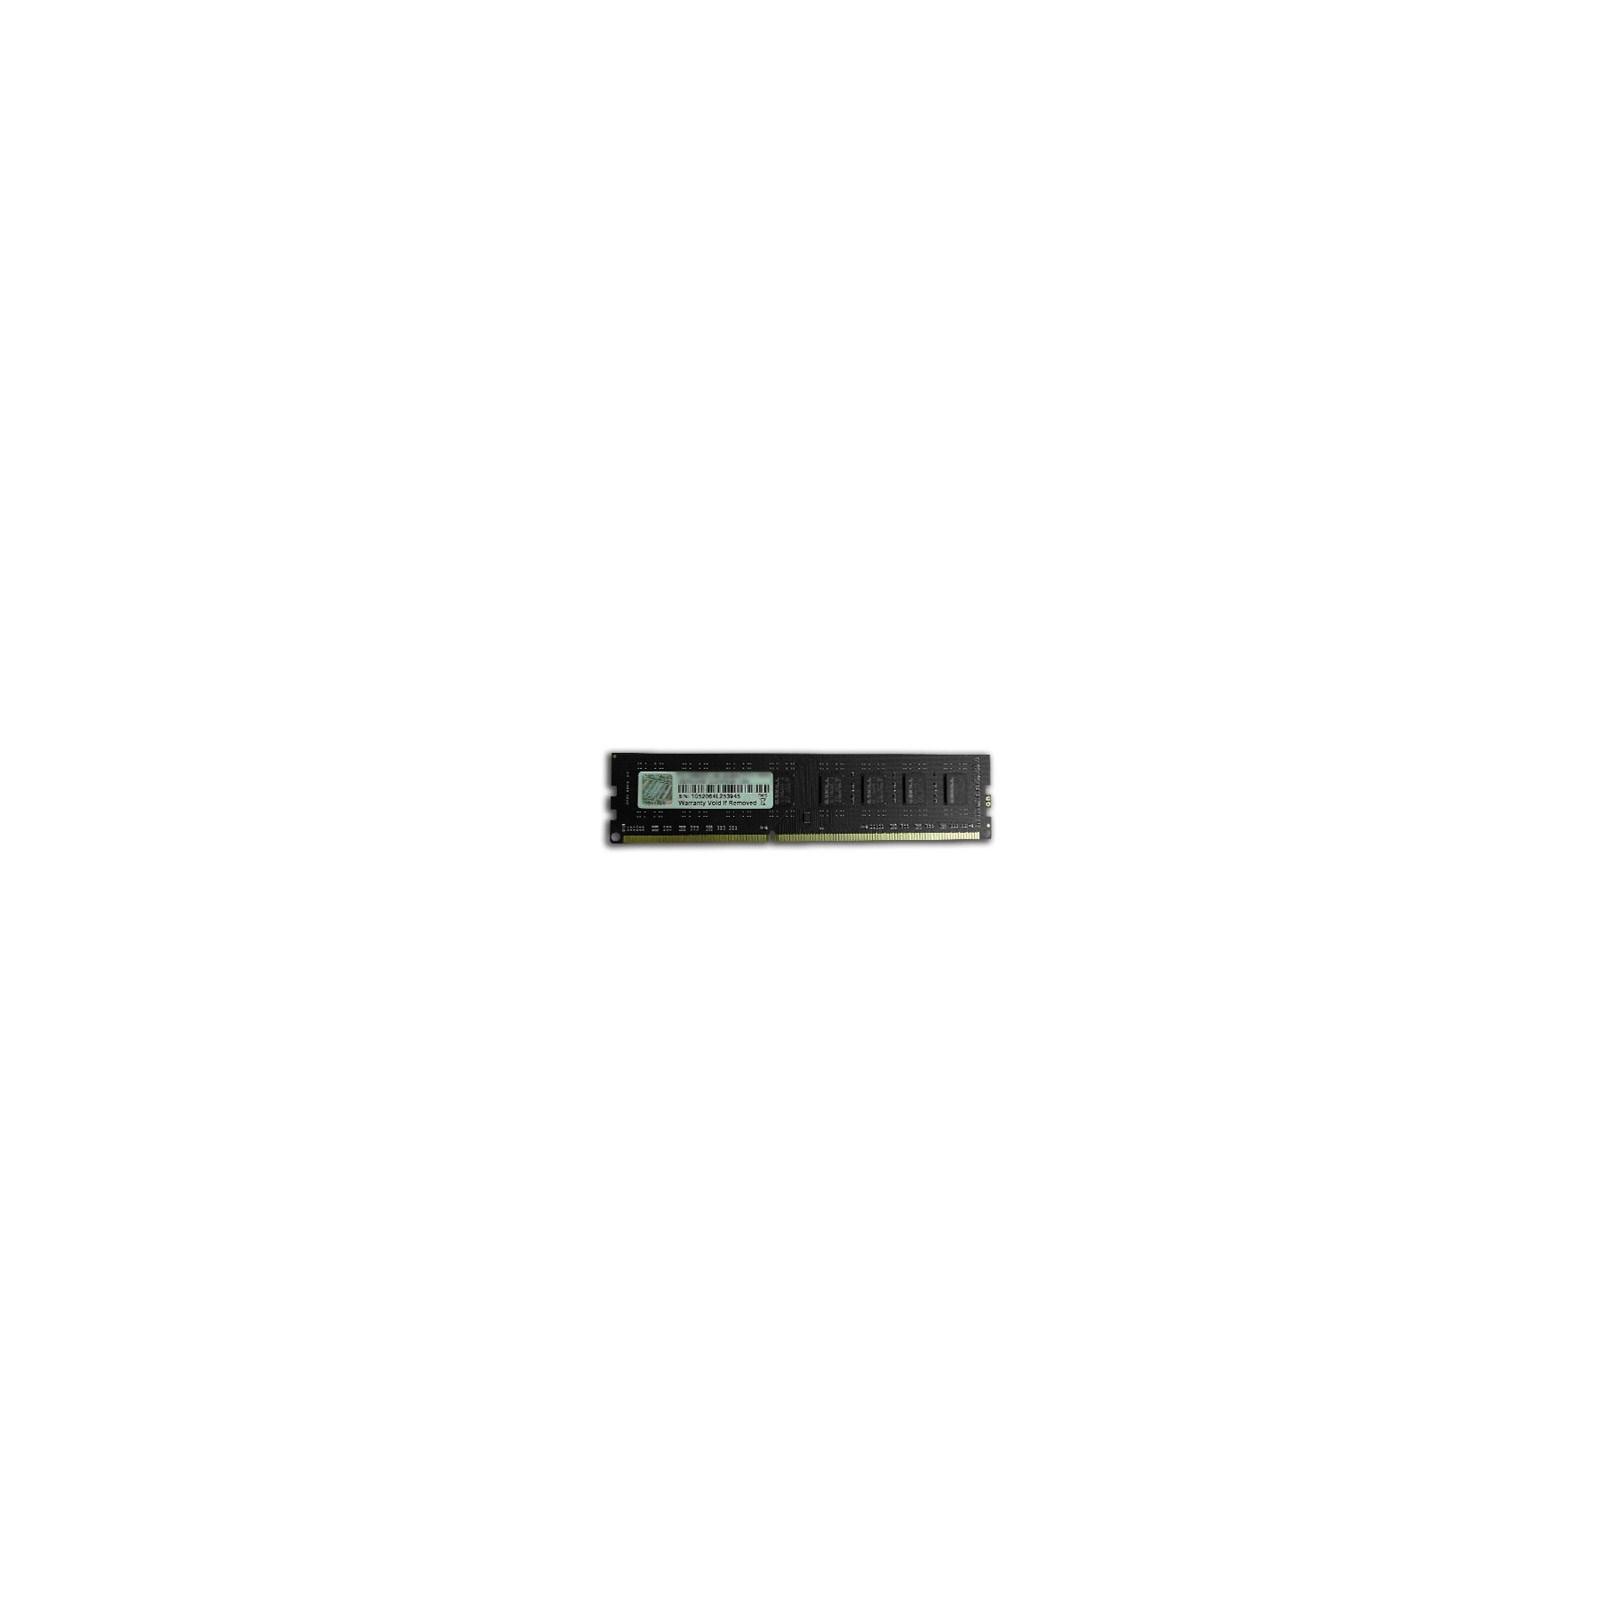 Модуль памяти для компьютера DDR3 4GB 1600 MHz G.Skill (F3-1600C11S-4GNS)